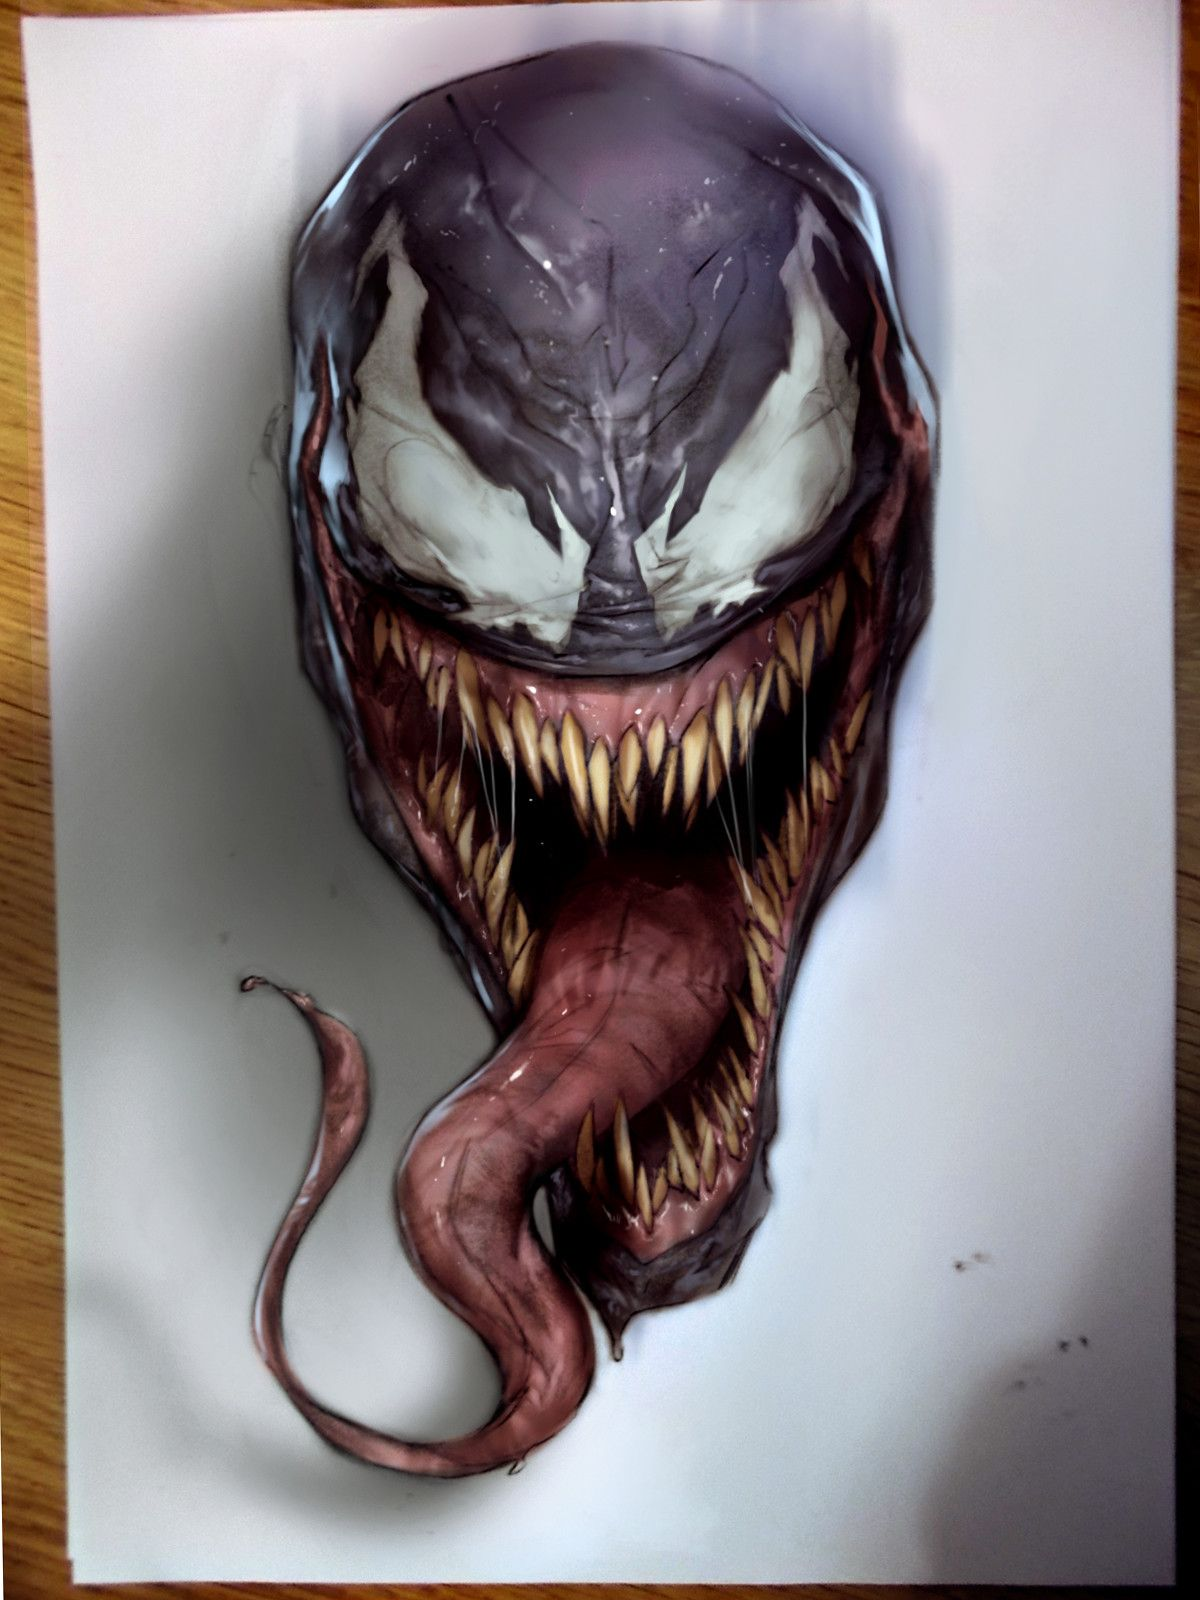 Venom Tattoo Designs: Venom, Ben Oliver On ArtStation At Https://www.artstation